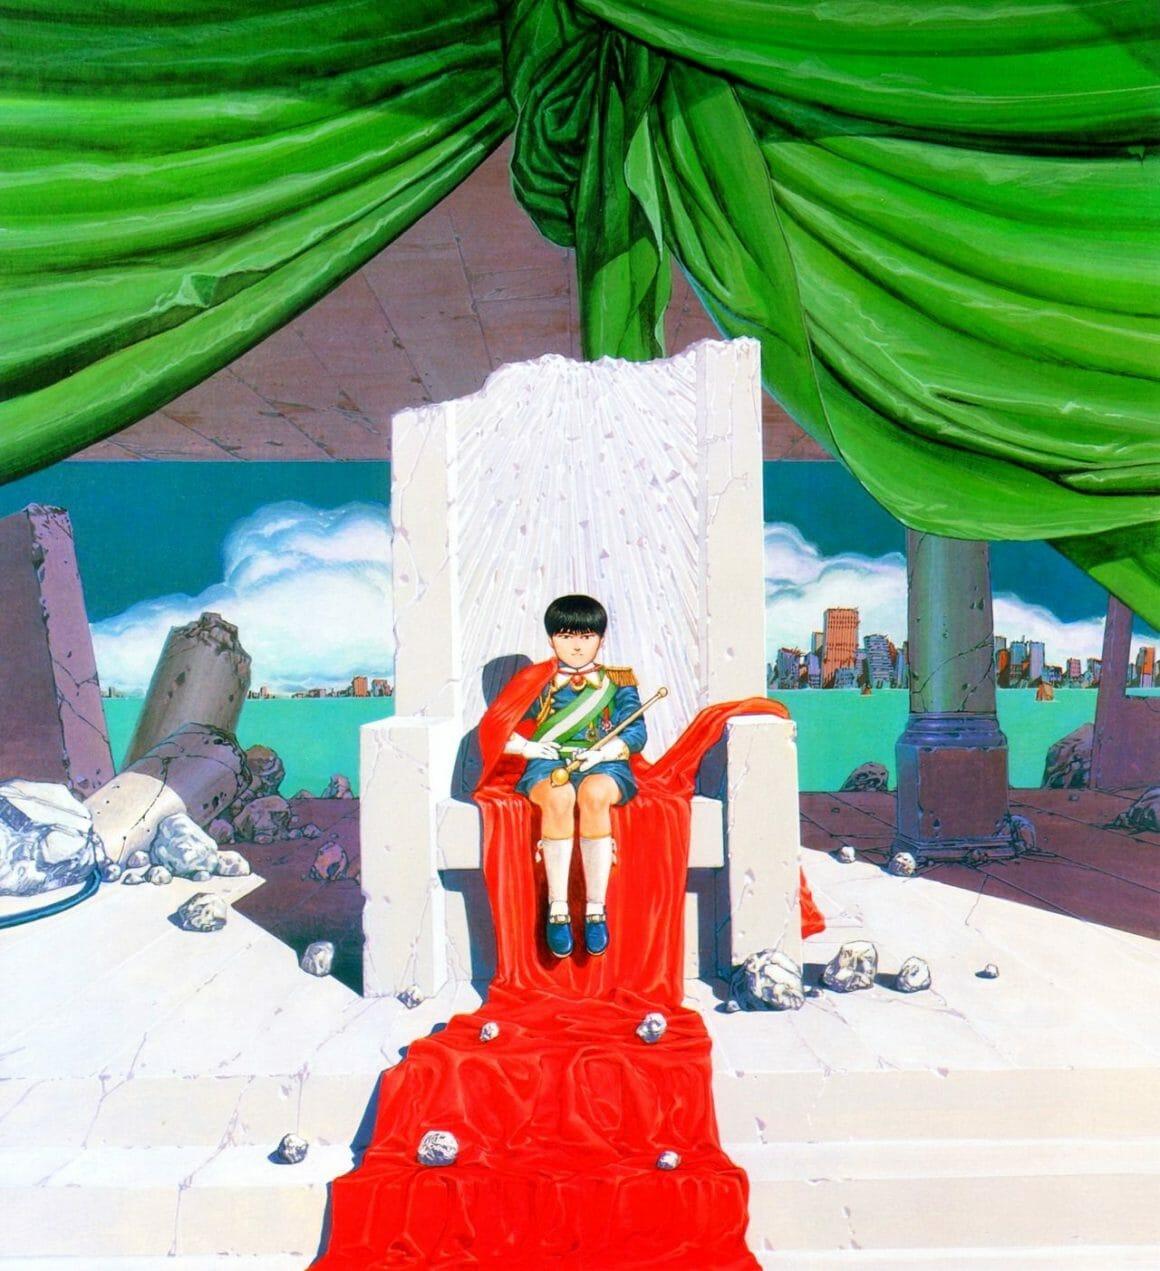 illustration du manga Akira réalisé par le mangaka Katsuhiro Otomo